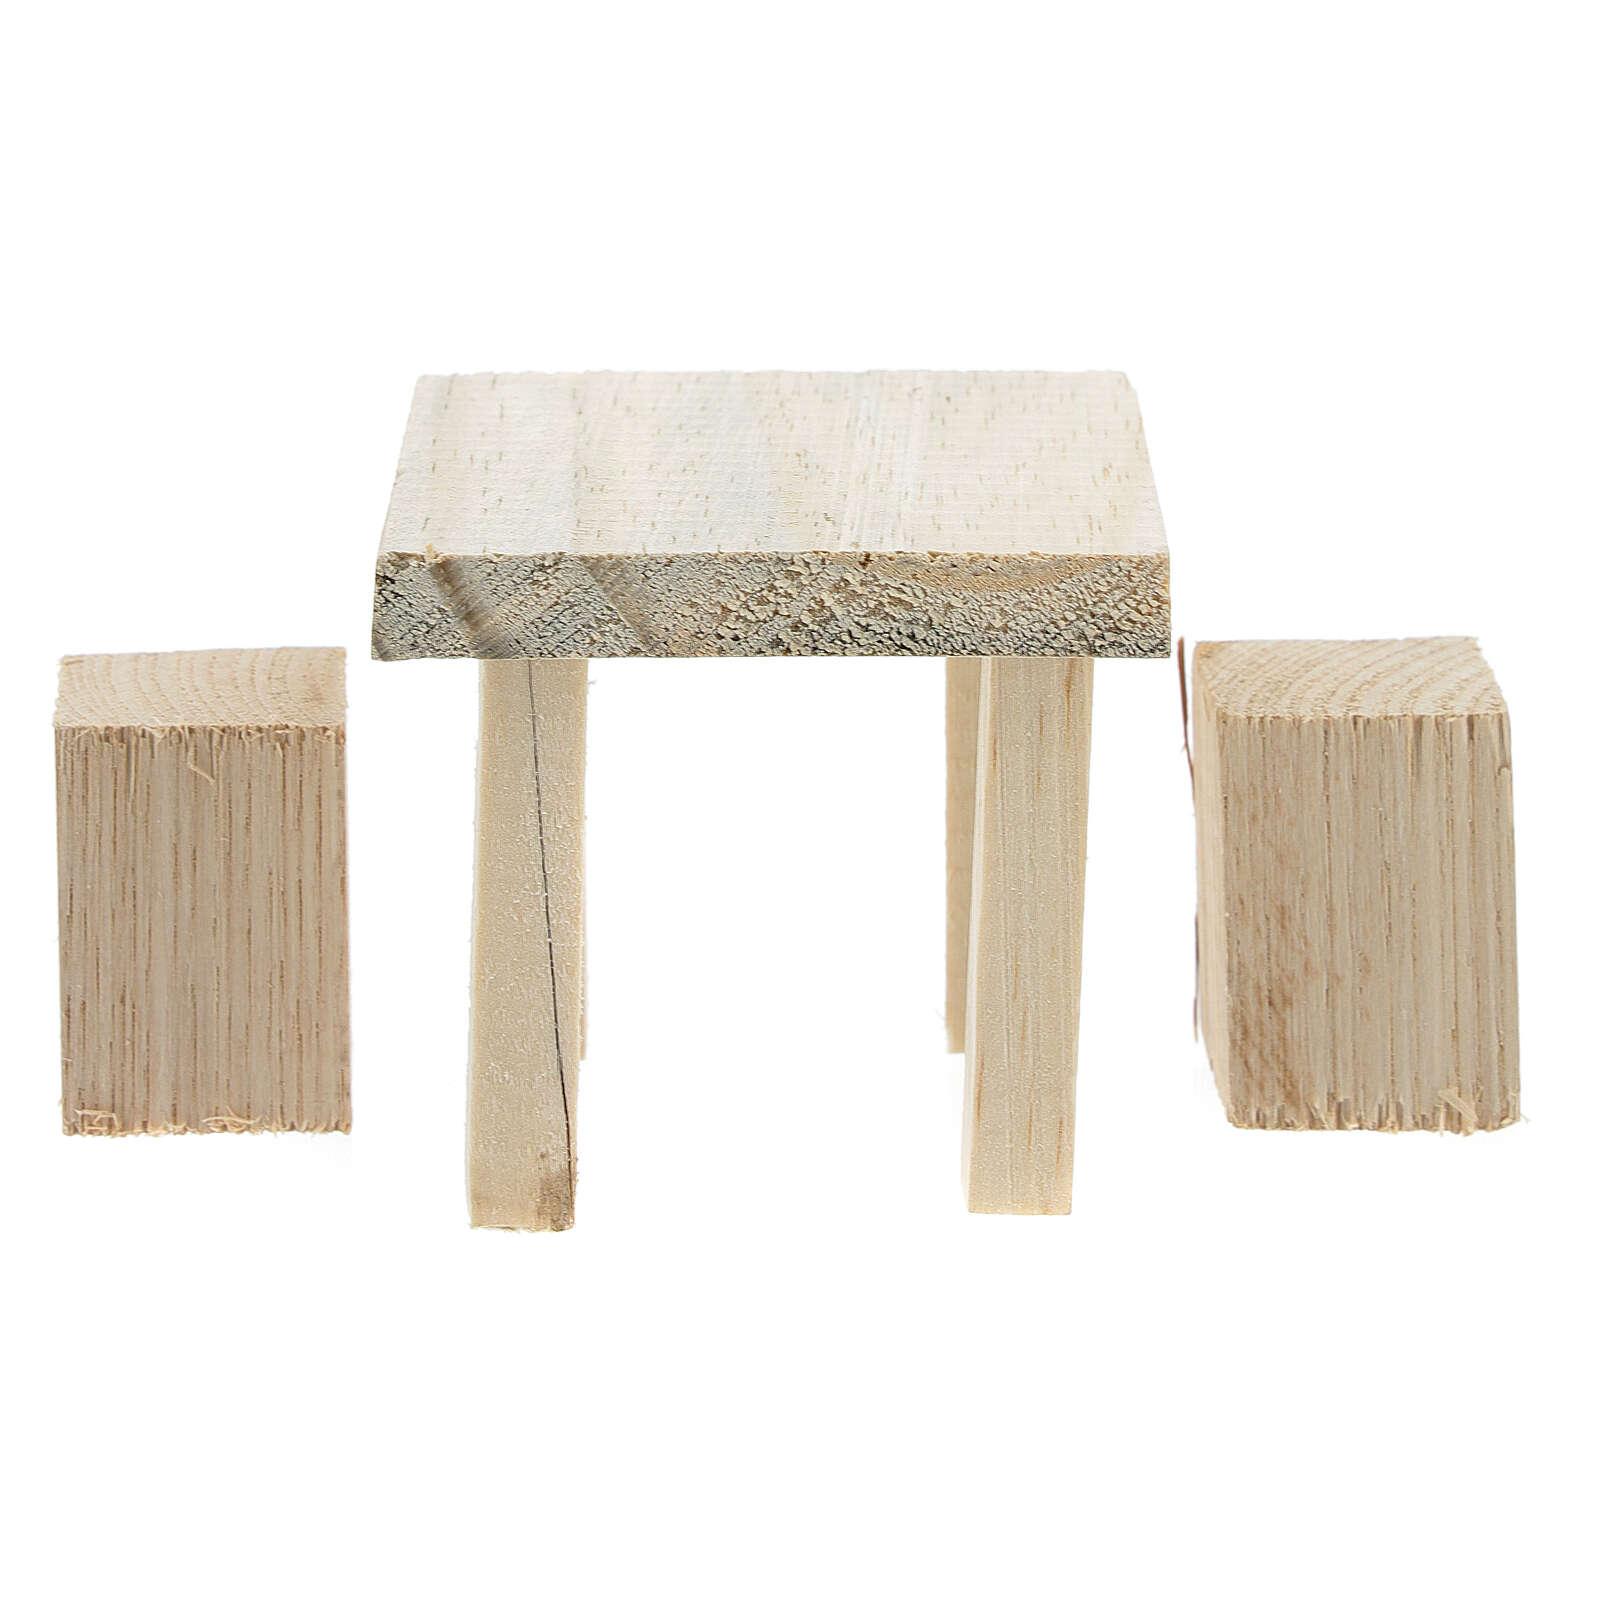 Tavolo in legno 6x7x7 cm sgabelli 4x2x2 cm presepe 14 cm 4